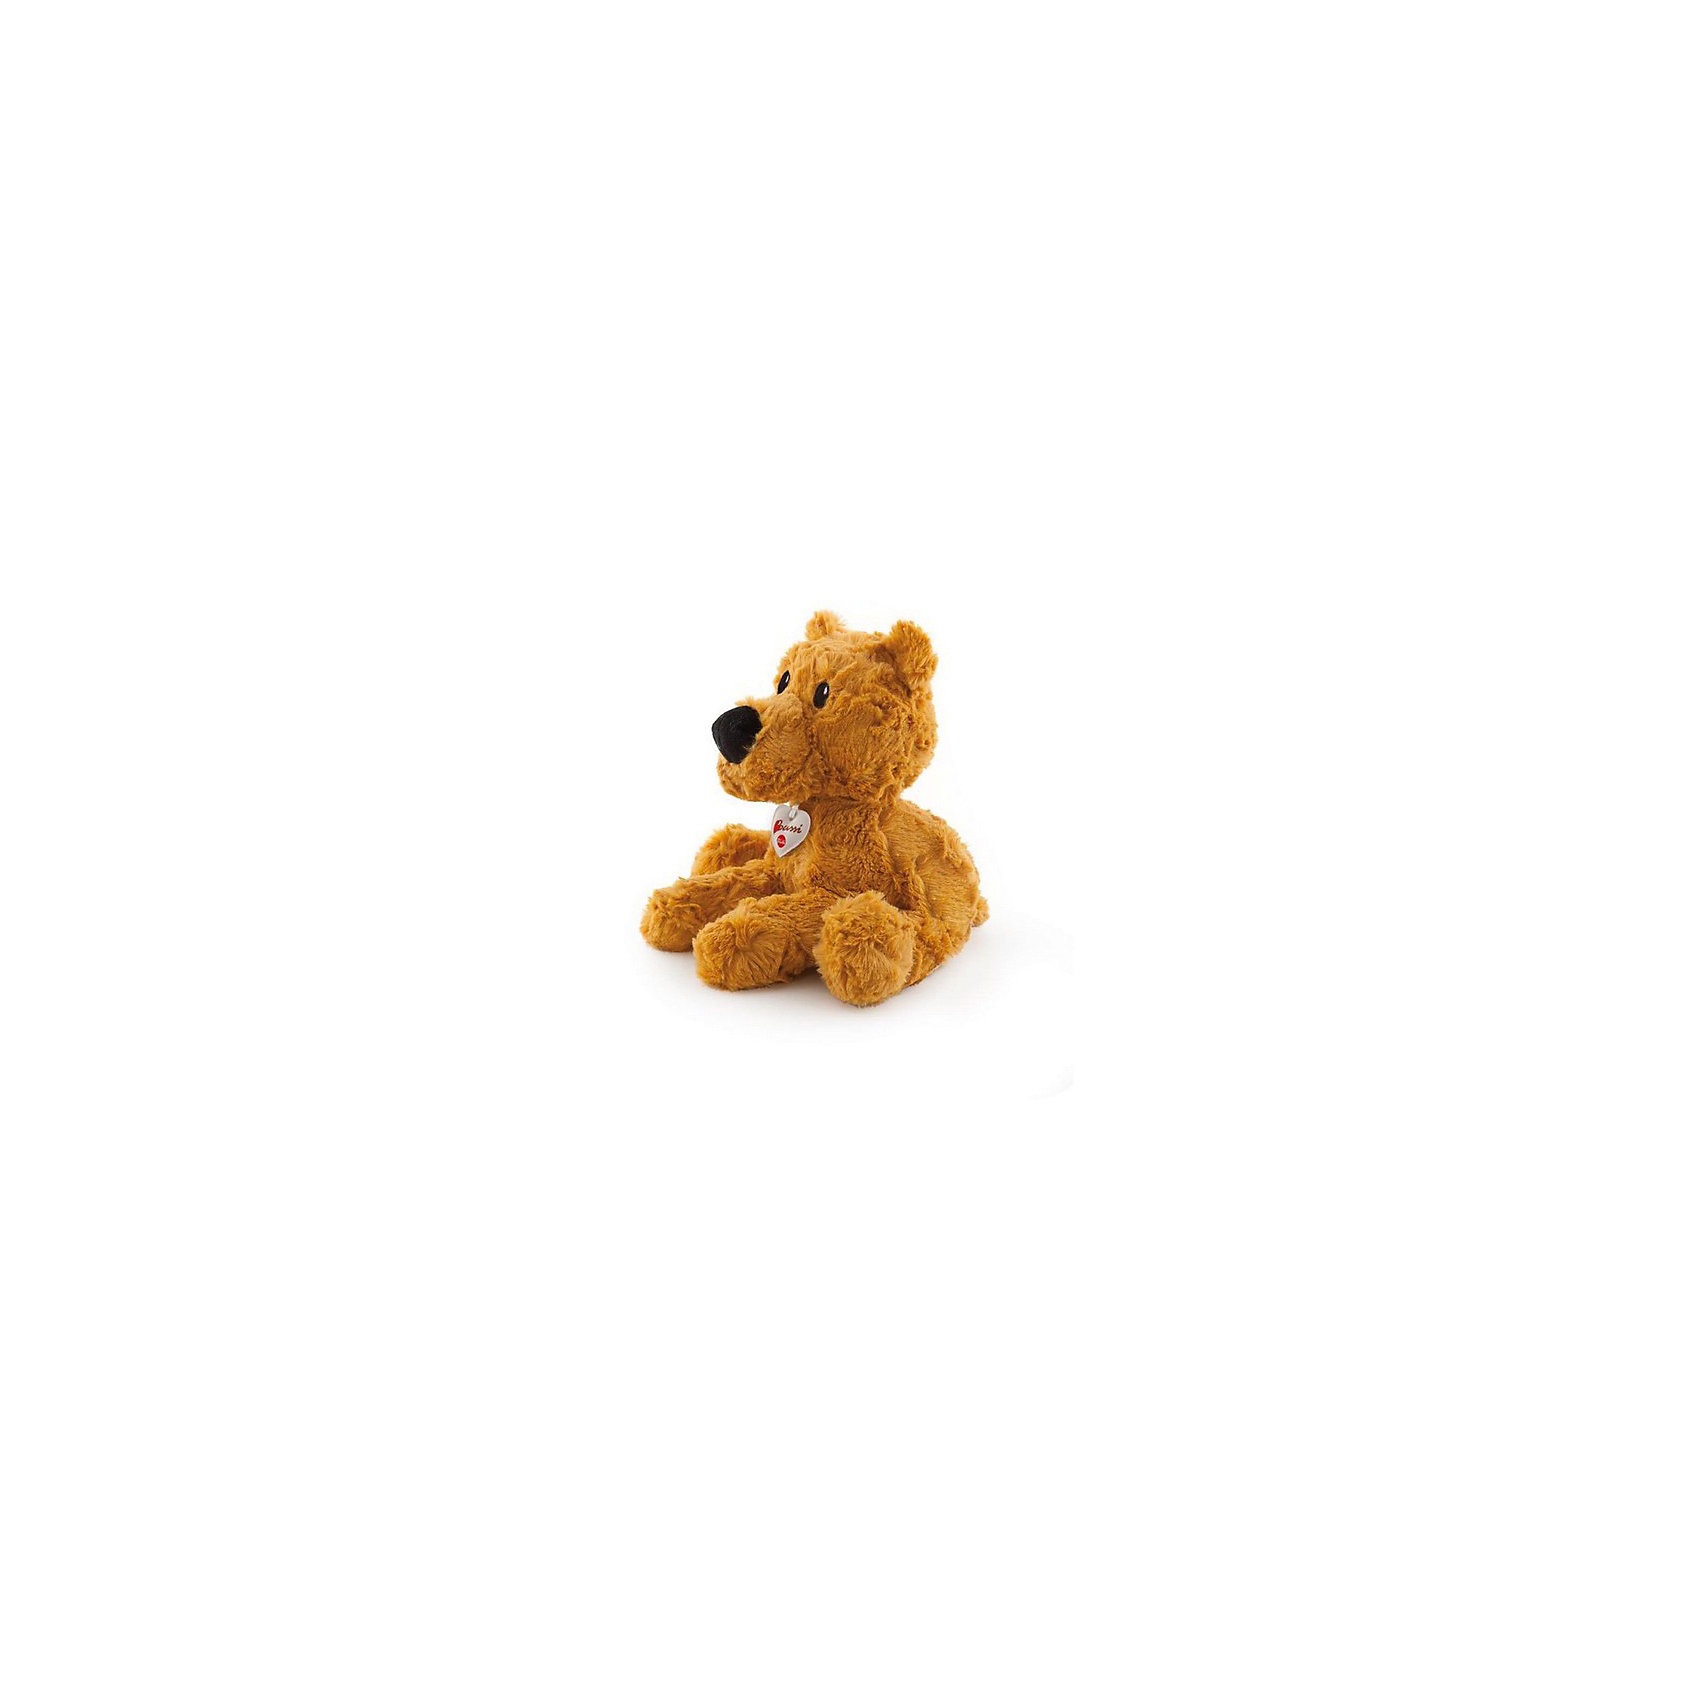 Рыжий мишка, 38 см, TrudiМягкие игрушки животные<br>Очаровательный мишка станет лучшим другом вашему малышу! У мишутки очень мягкая шерстка, черный бархатный носик, добрые озорные глаза - с ним будет очень весело играть днем и спокойно и уютно засыпать ночью. Игрушка изготовлена из высококачественных нетоксичных, экологичных материалов абсолютно безопасных для детей. Благодаря тщательной проработке всех деталей, мишка выглядит очень реалистично, что, несомненно, порадует ребенка. Прекрасный подарок на любой праздник!<br><br>Дополнительная информация:<br><br>- Материал: плюш, пластик, текстиль, искусственный мех. <br>- Высота: 38 см. <br>- Допускается машинная стирка при деликатной режиме (30 ?).<br><br>Рыжего мишку, 38 см, Trudi (Труди), можно купить в нашем магазине.<br><br>Ширина мм: 280<br>Глубина мм: 250<br>Высота мм: 380<br>Вес г: 260<br>Возраст от месяцев: 12<br>Возраст до месяцев: 2147483647<br>Пол: Унисекс<br>Возраст: Детский<br>SKU: 5055248